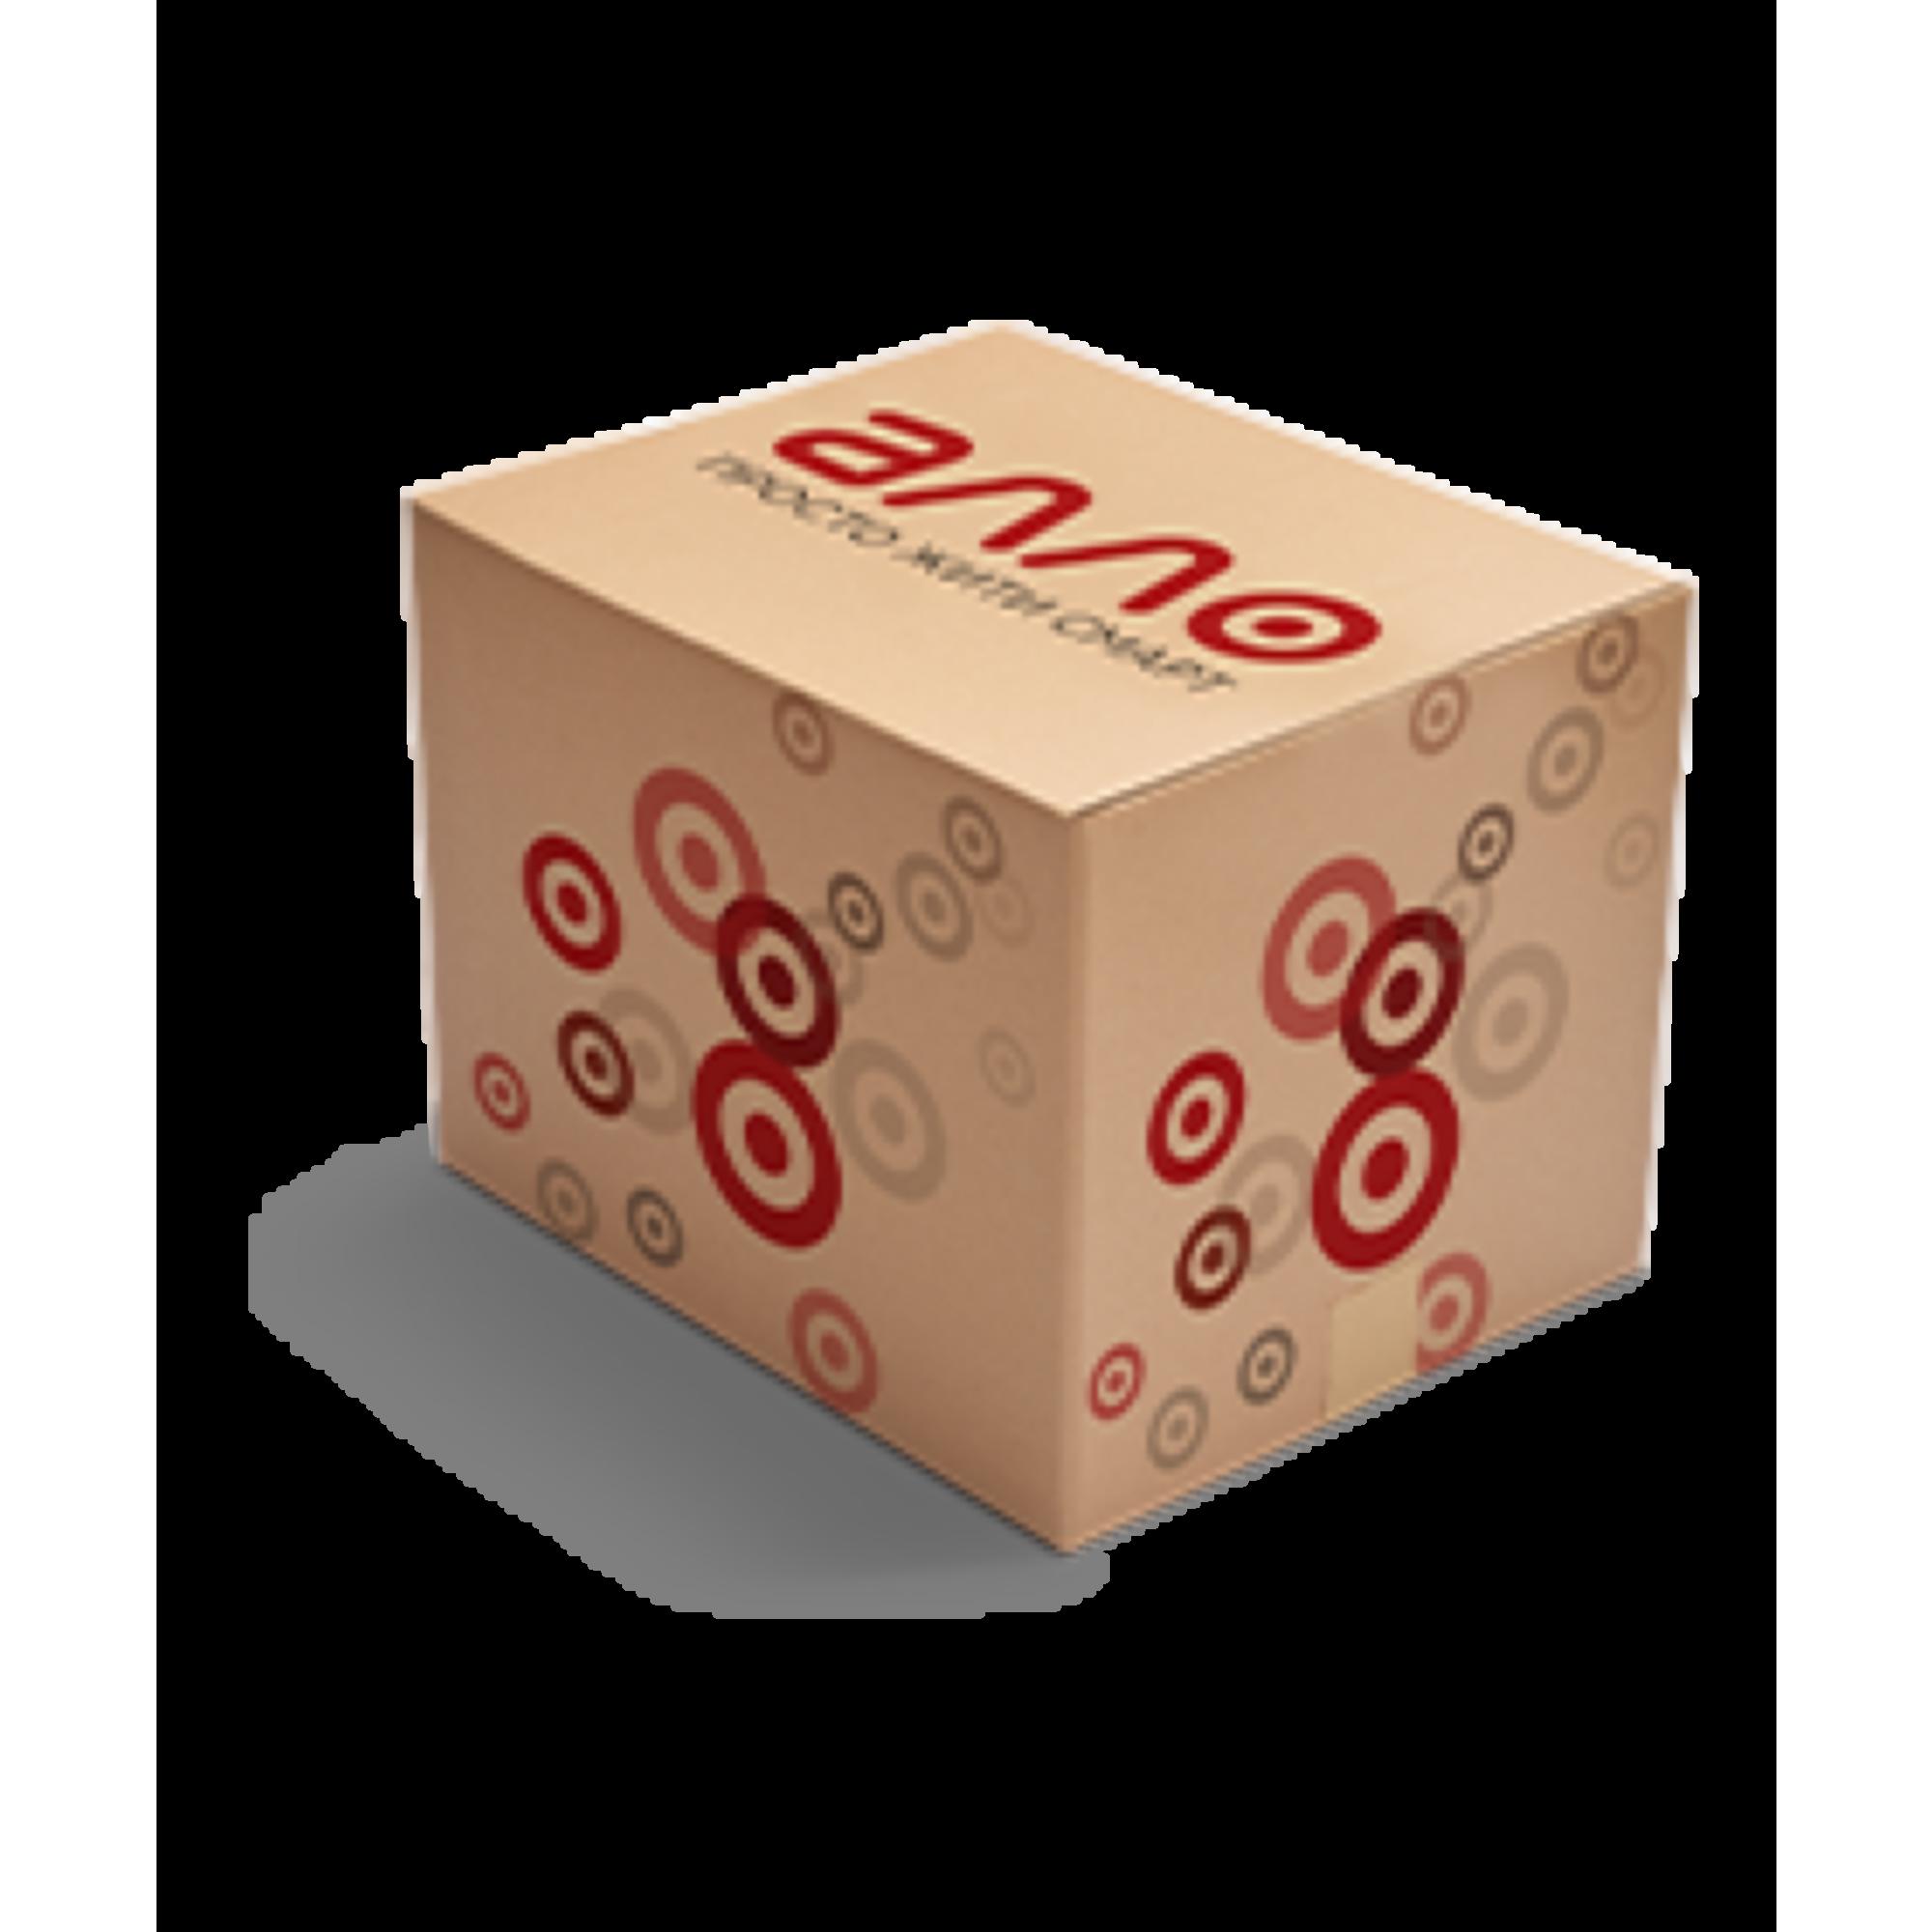 Рюкзак vvv gear velox ii tactical 27 coyote tan nyan cat значок на рюкзаки